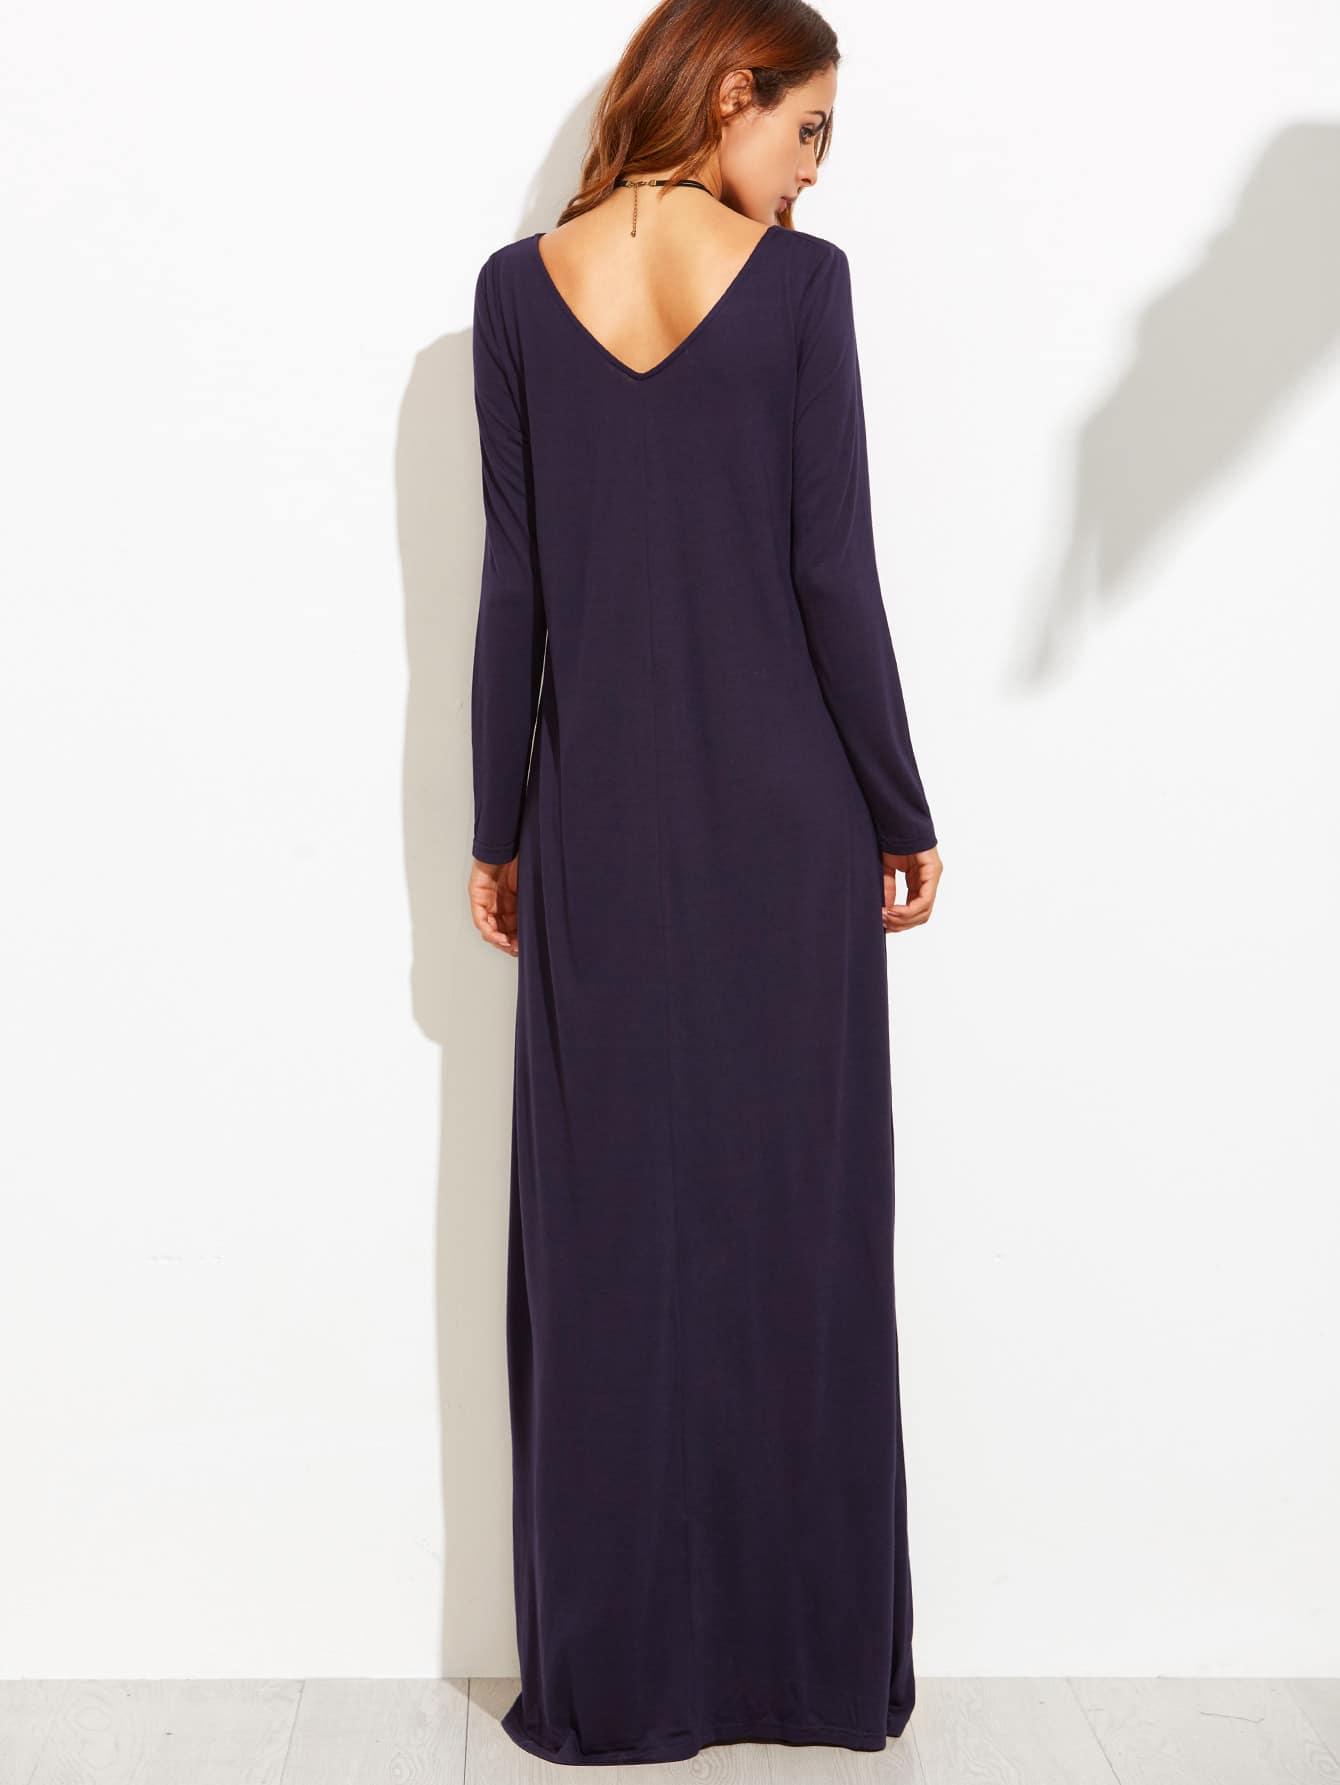 dress160809713_2